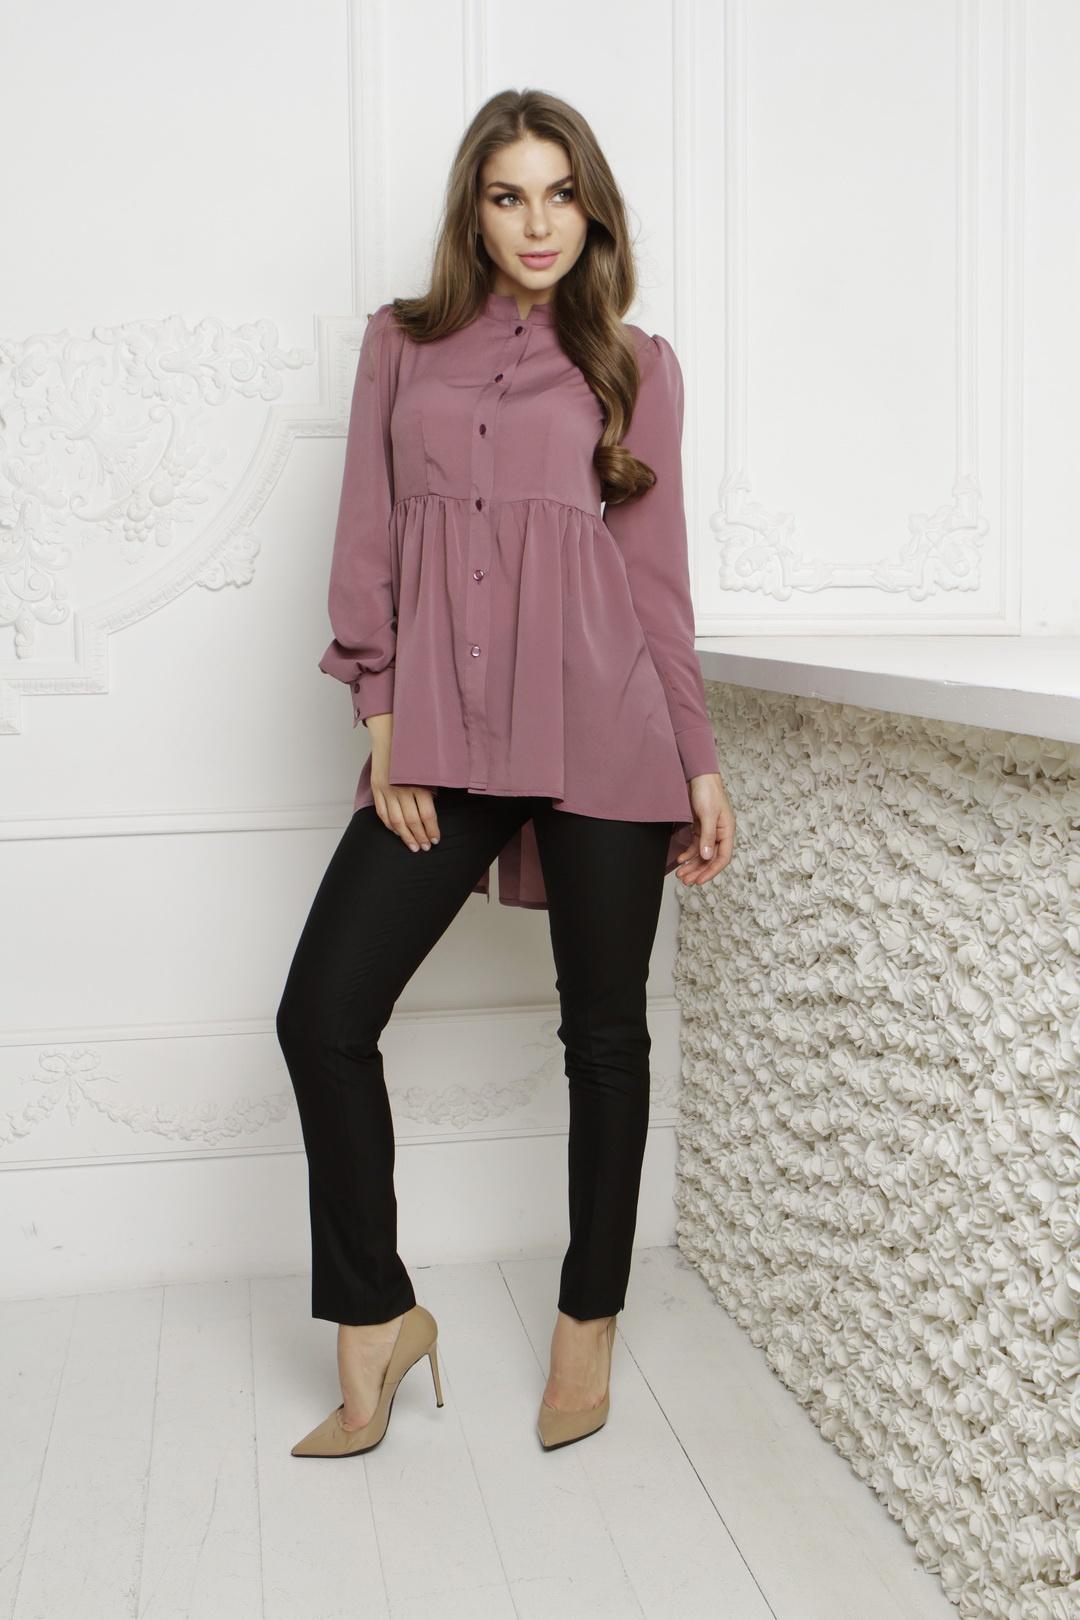 Блузка Mondigo блузка mondigo черный 44 размер